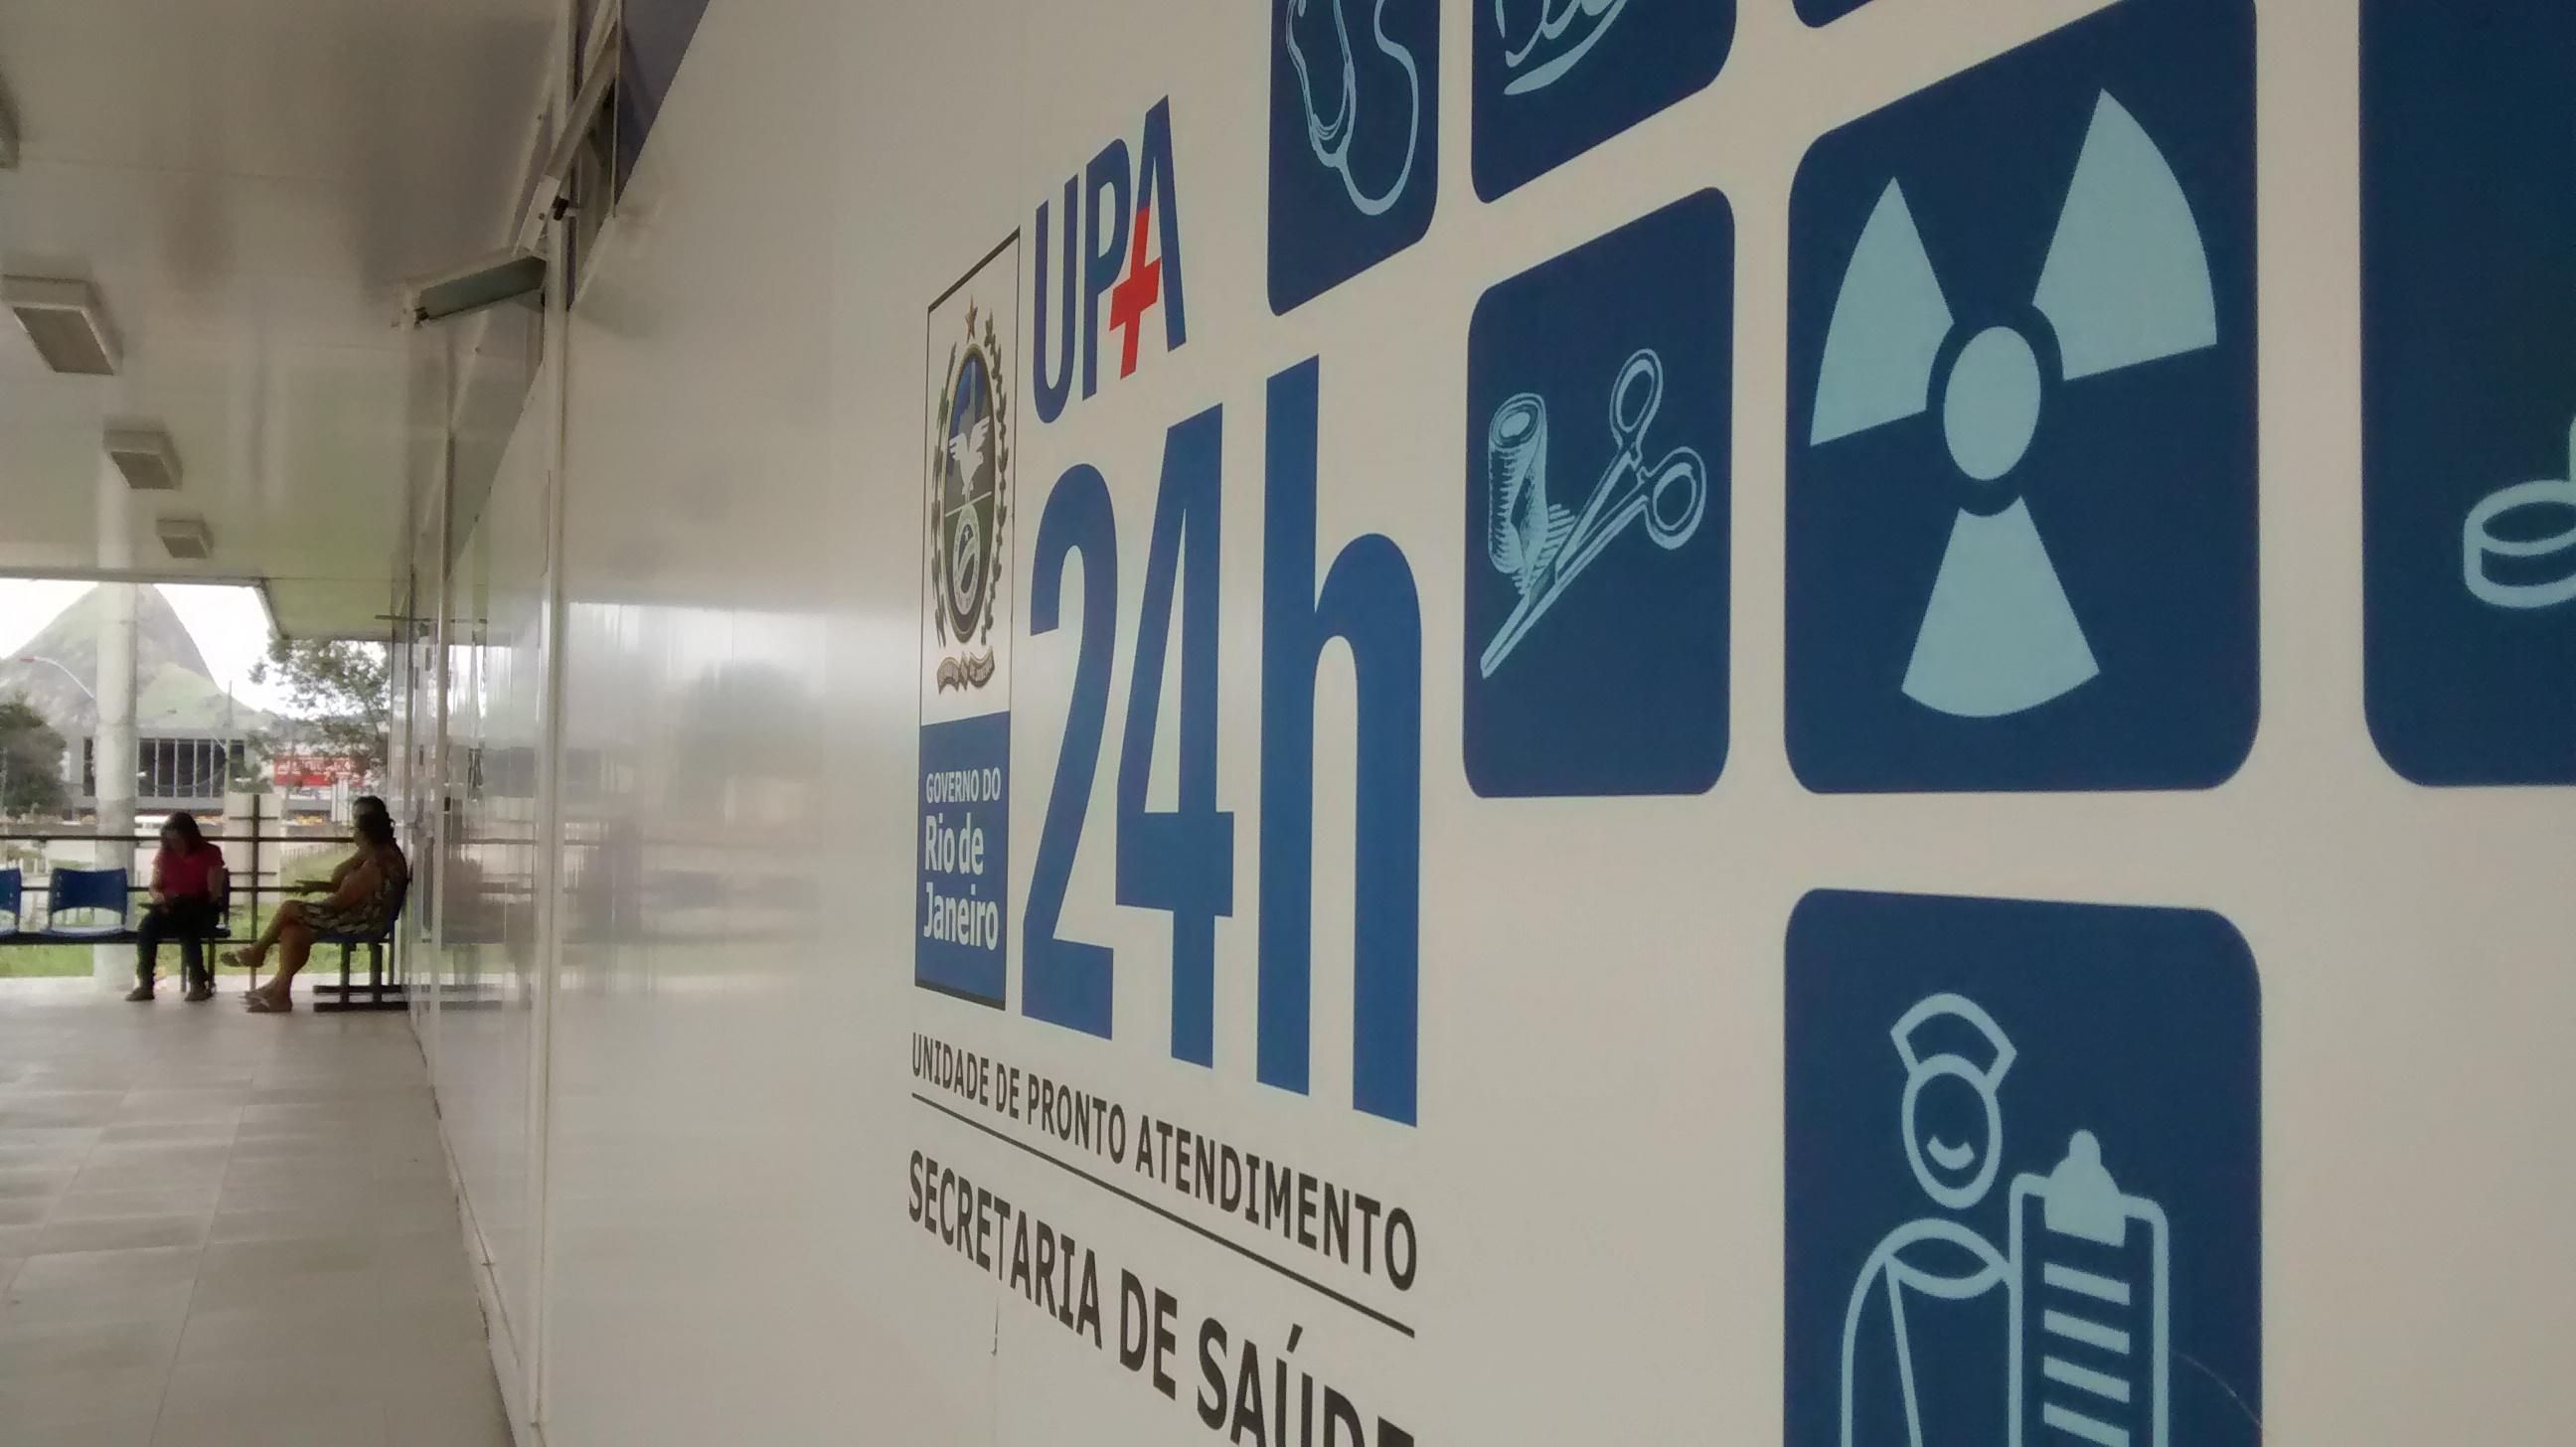 UPA de Inoã sem pediatras na manhã desta segunda-feira (27) - foto: João Henrique | Maricá Info)